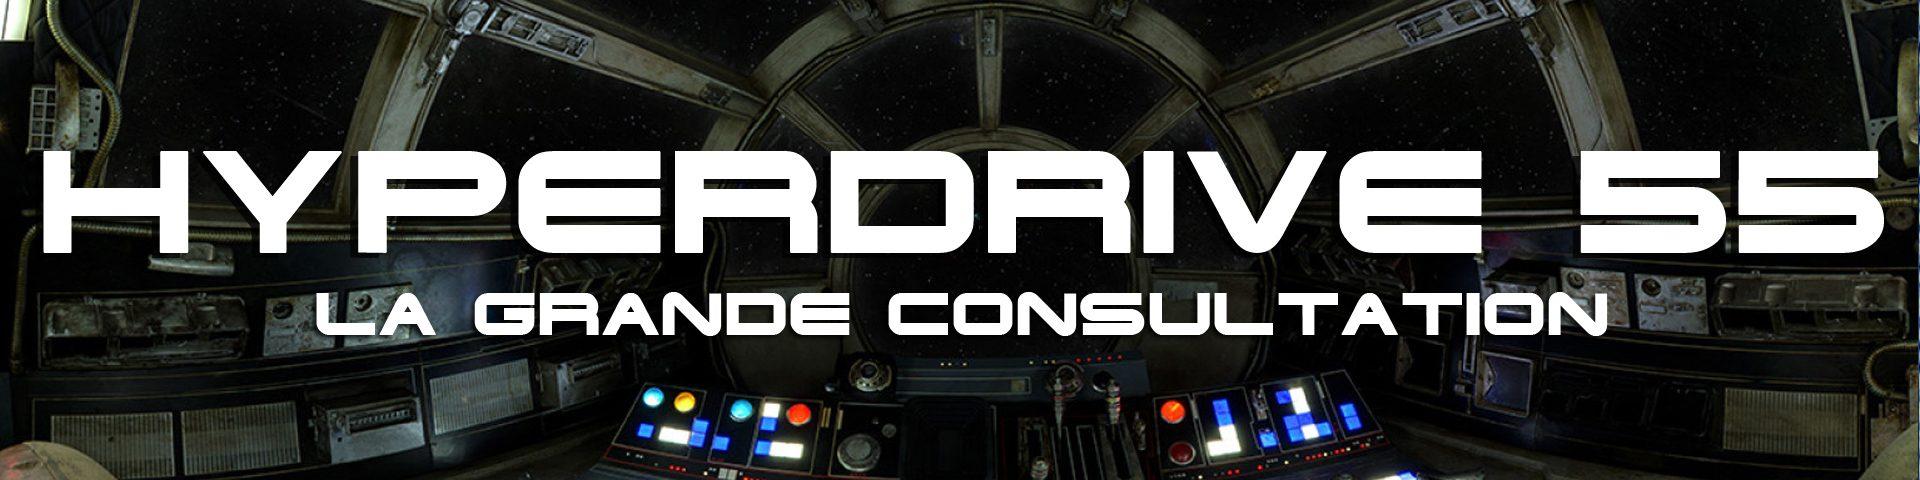 hyperdrive épisode 55 podcast Star Wars